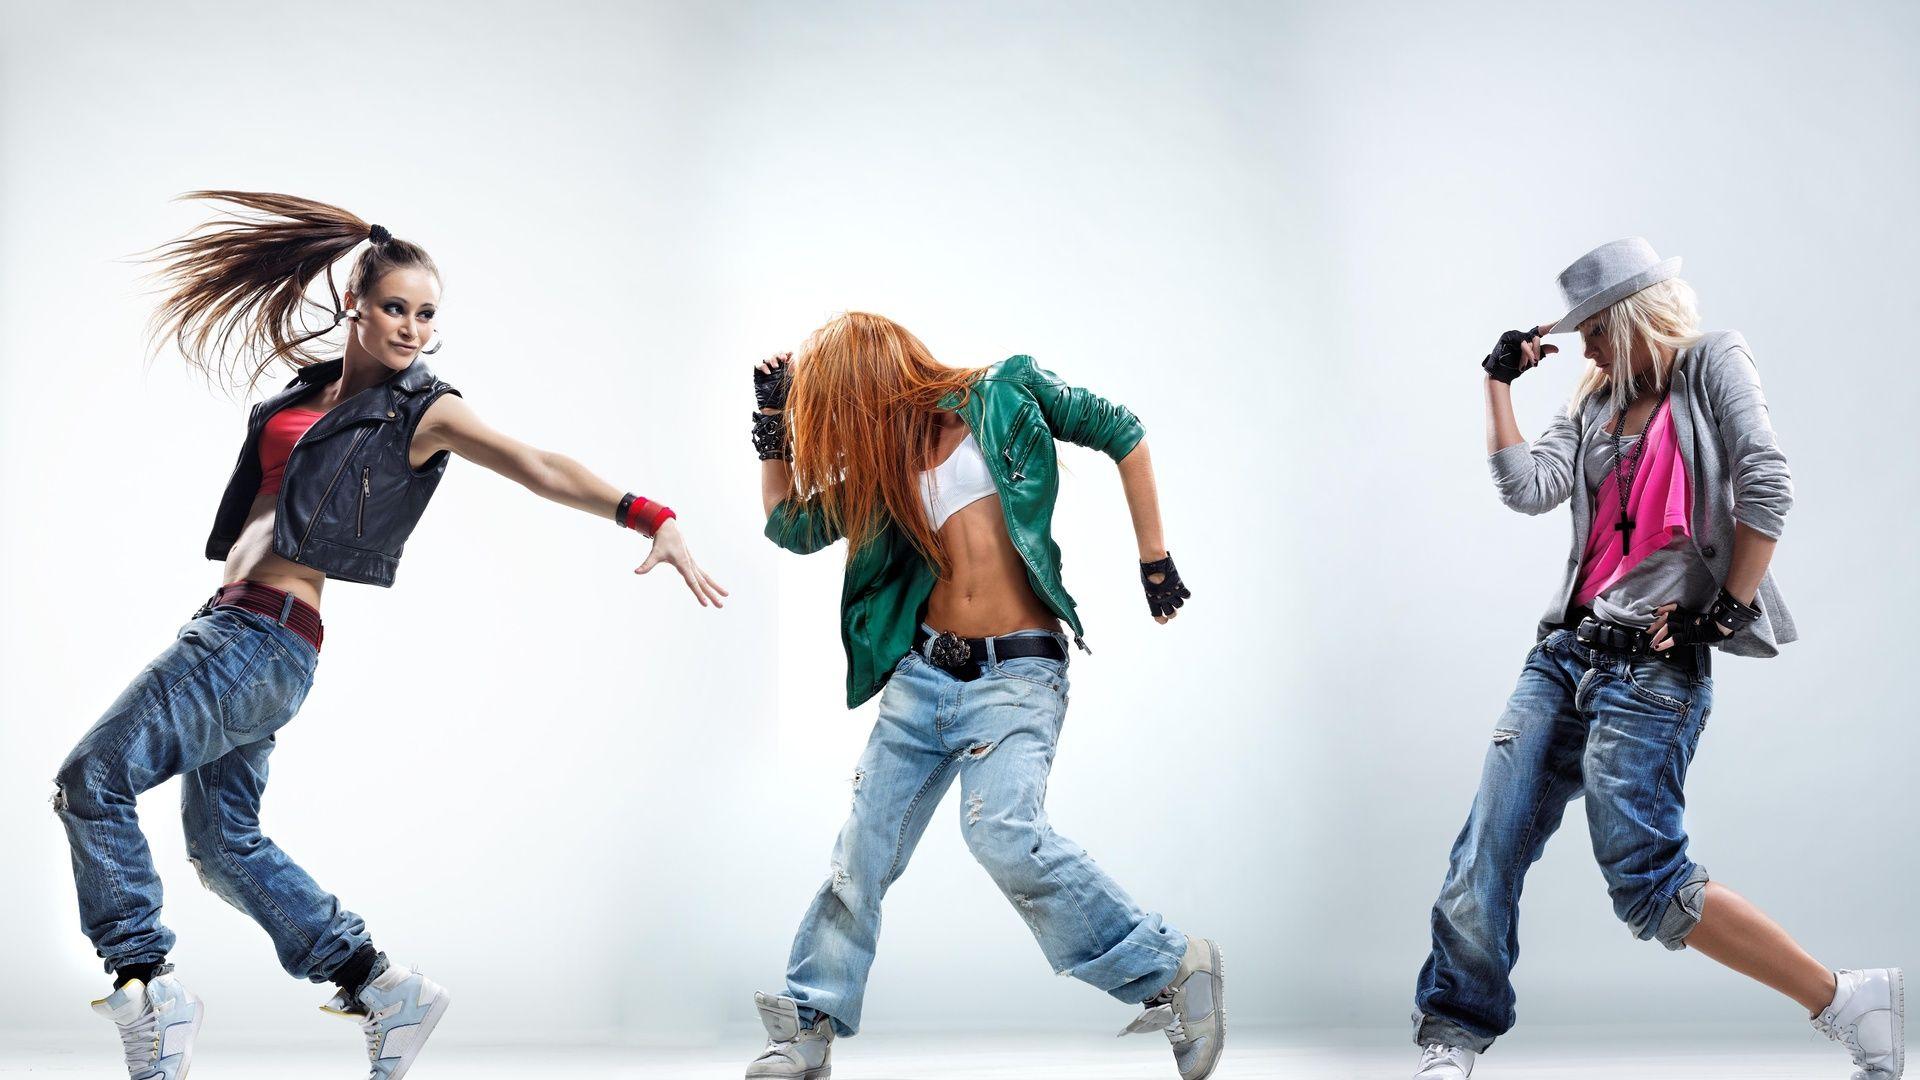 Смотреть танцы с девушками 17 фотография